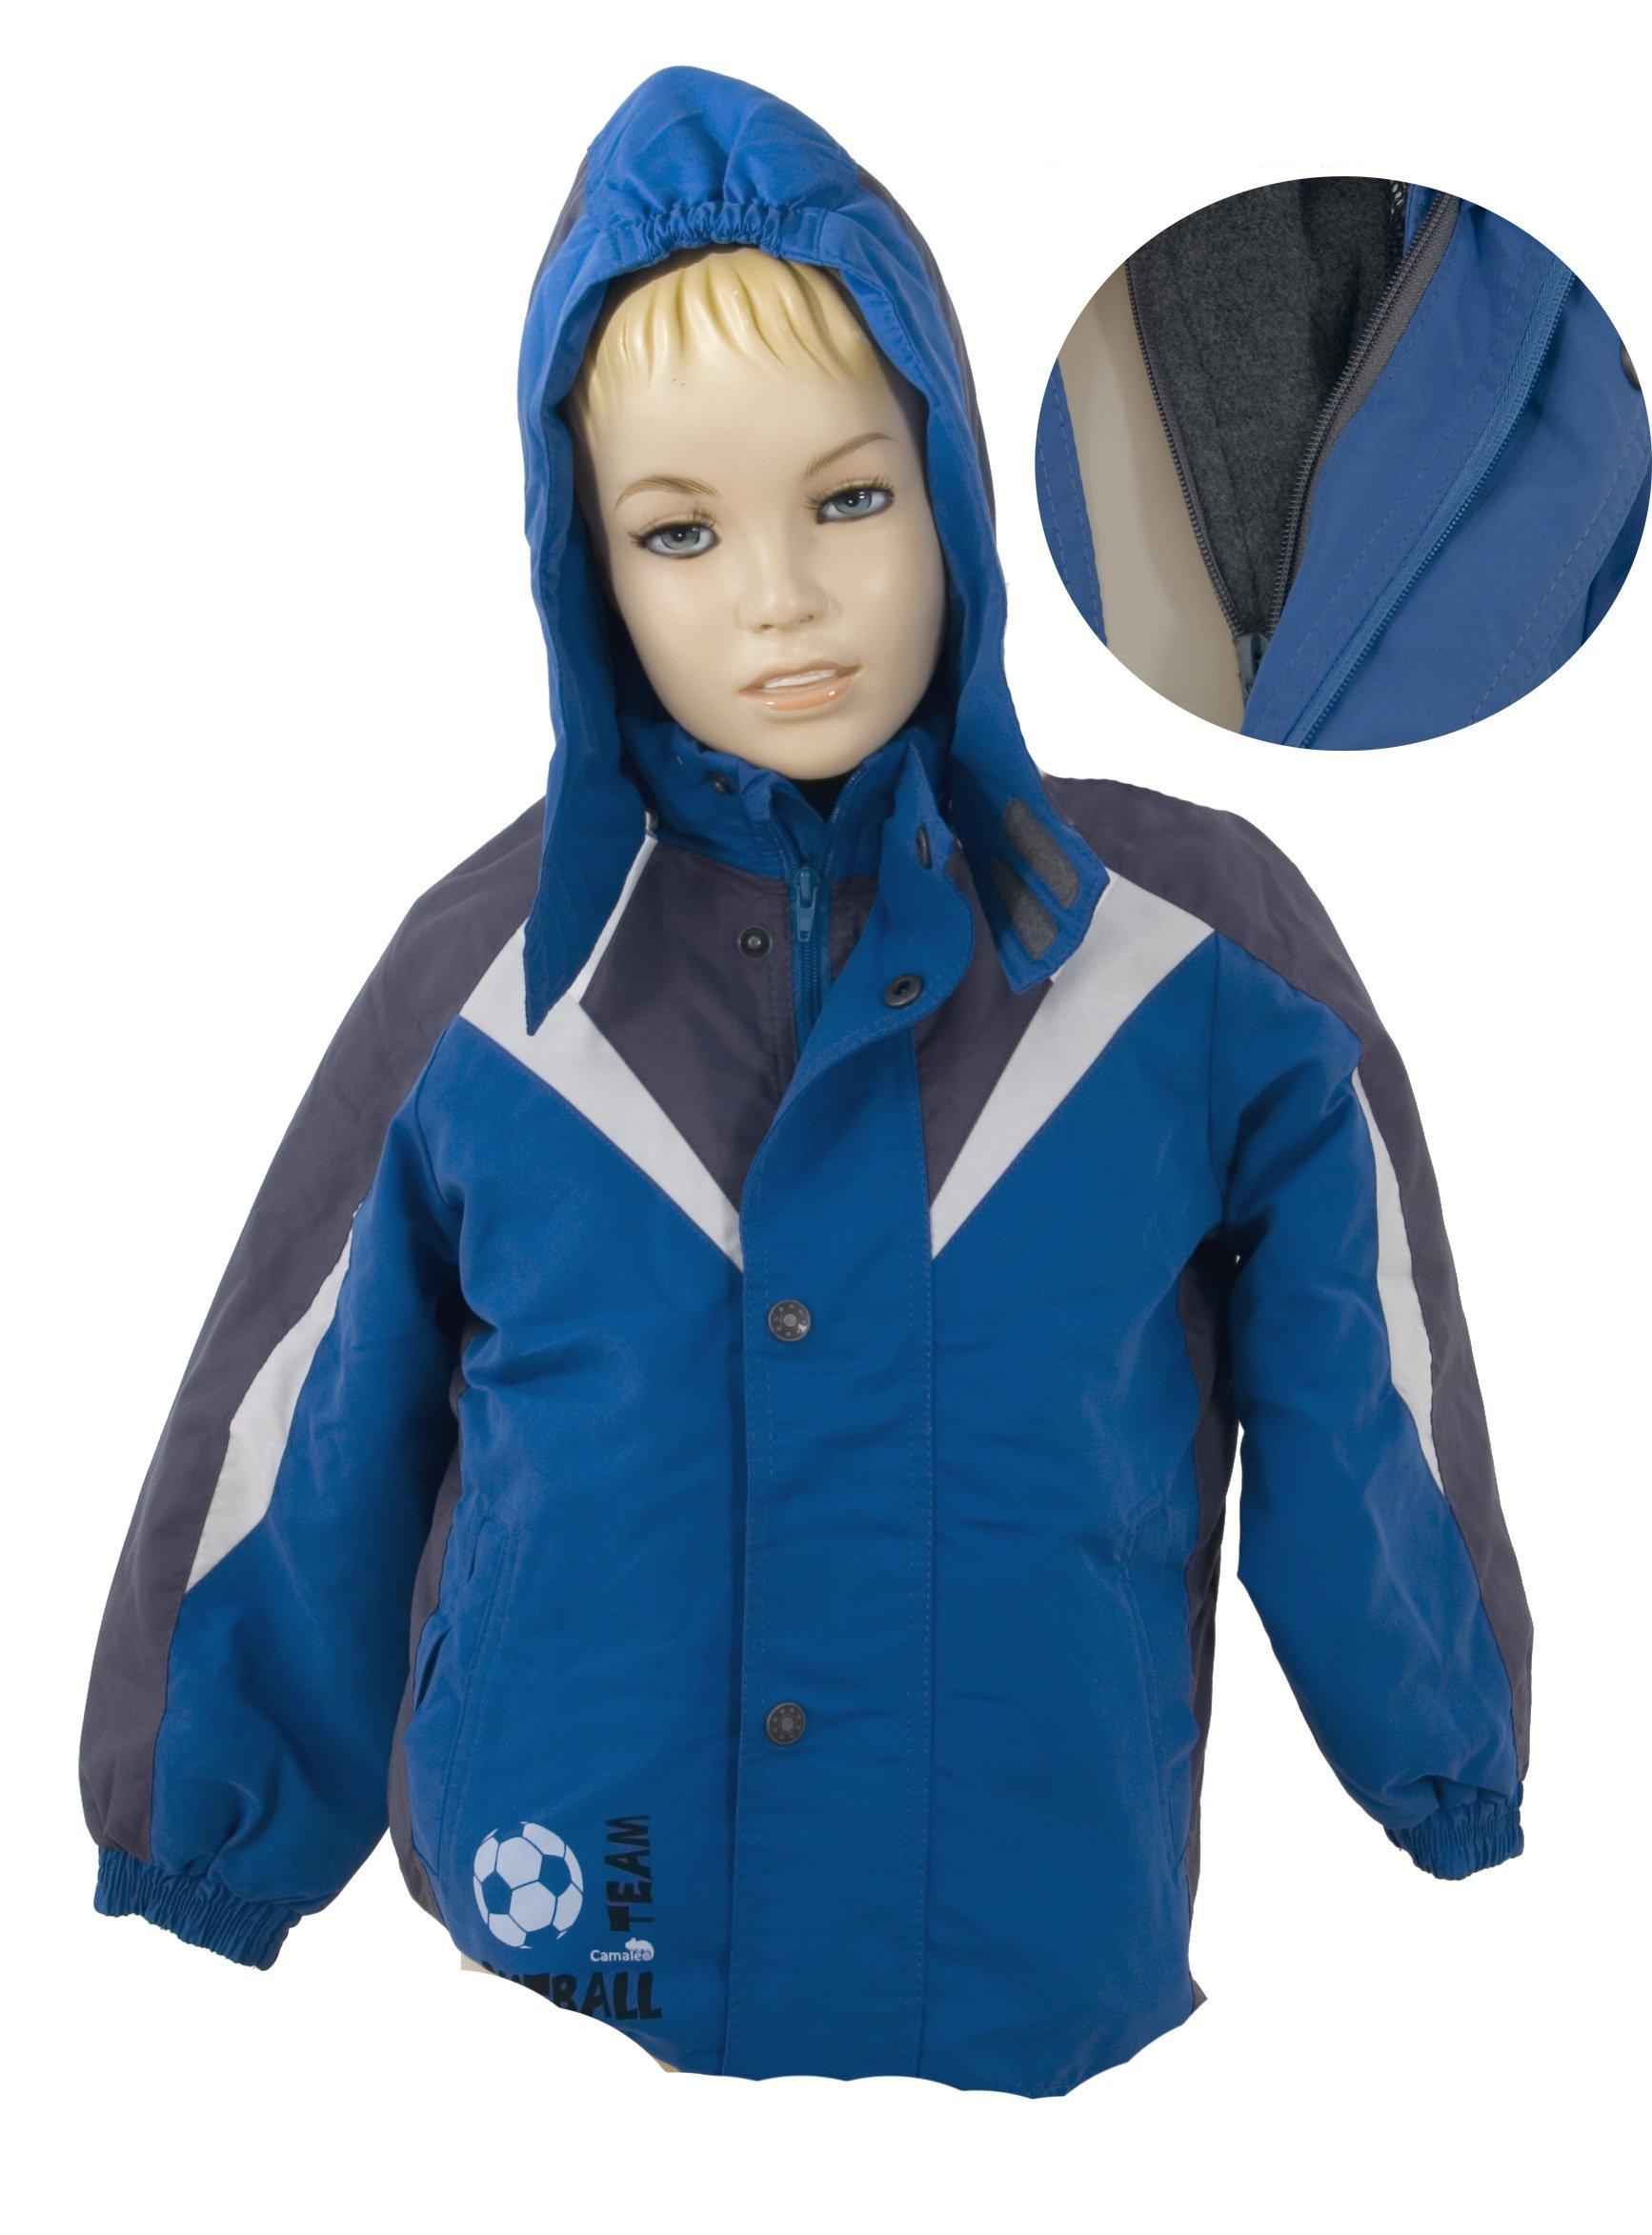 Bunda 3 v 1 s vnit�n� odep�na fleece vlo�kou a kapuc�  1212 velikost 122 - V�PRODEJ